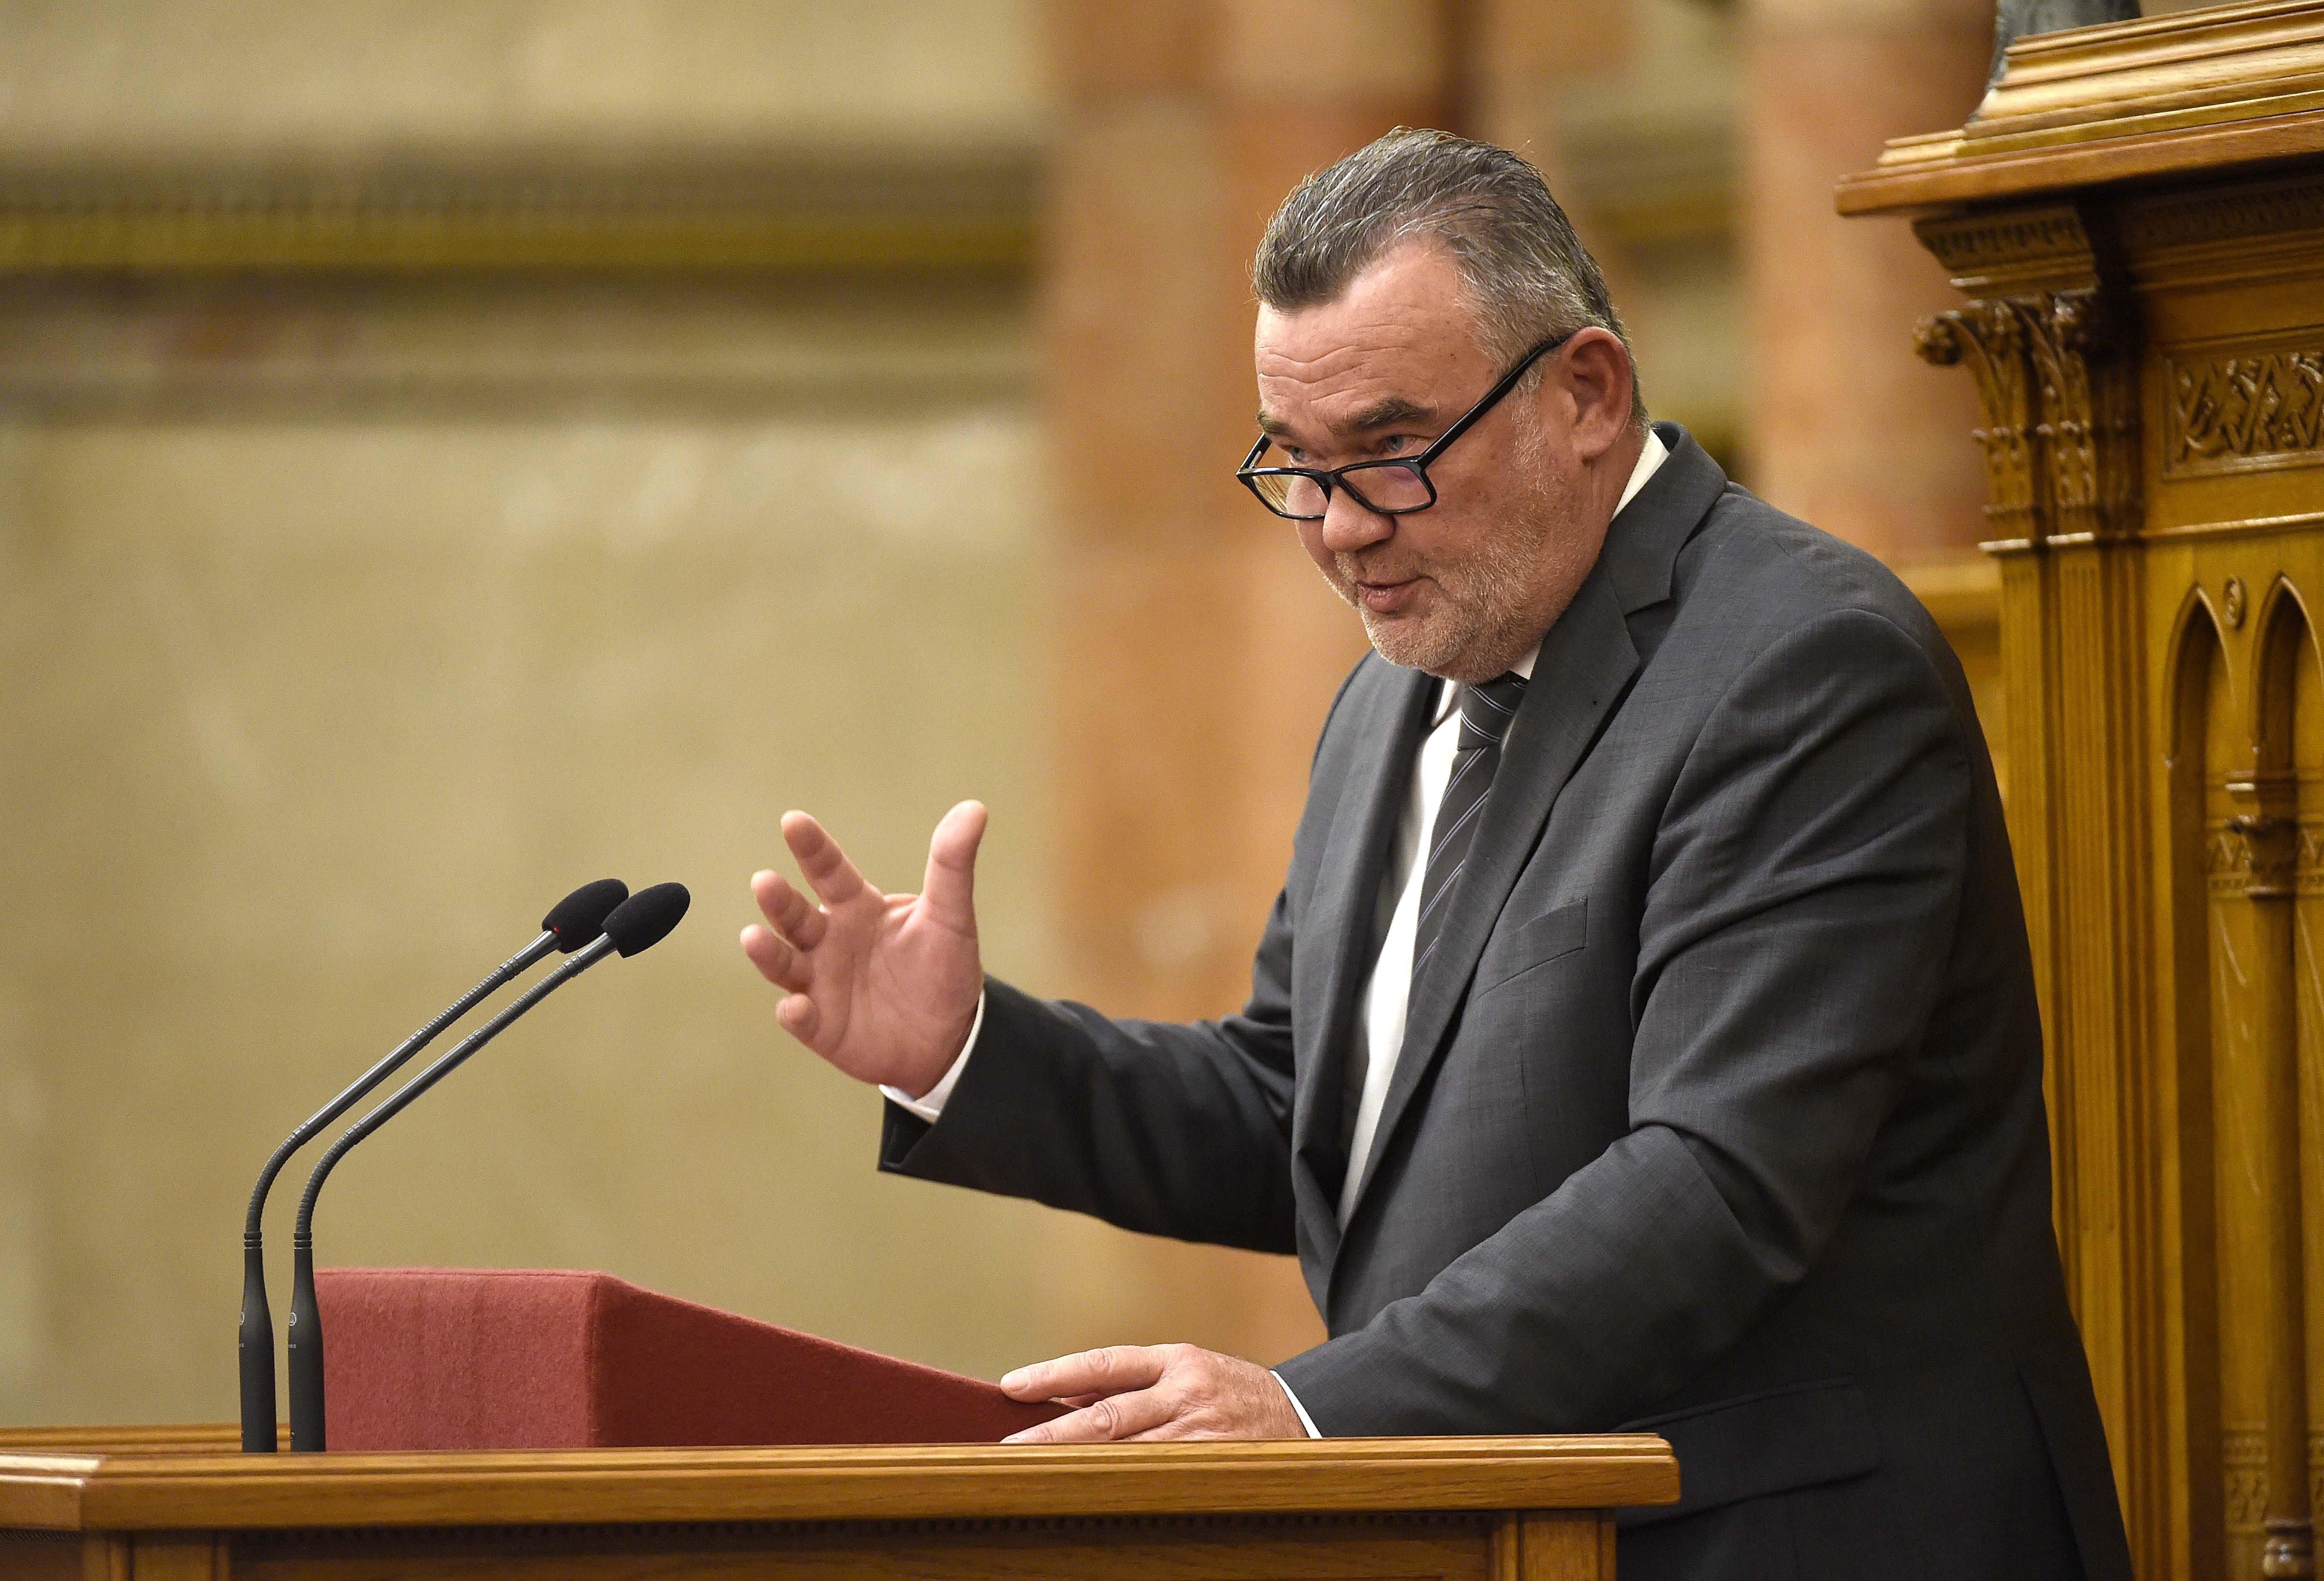 Ombudsman: Senkit nem érhet hátrányos megkülönböztetés a szexuális irányultsága miatt